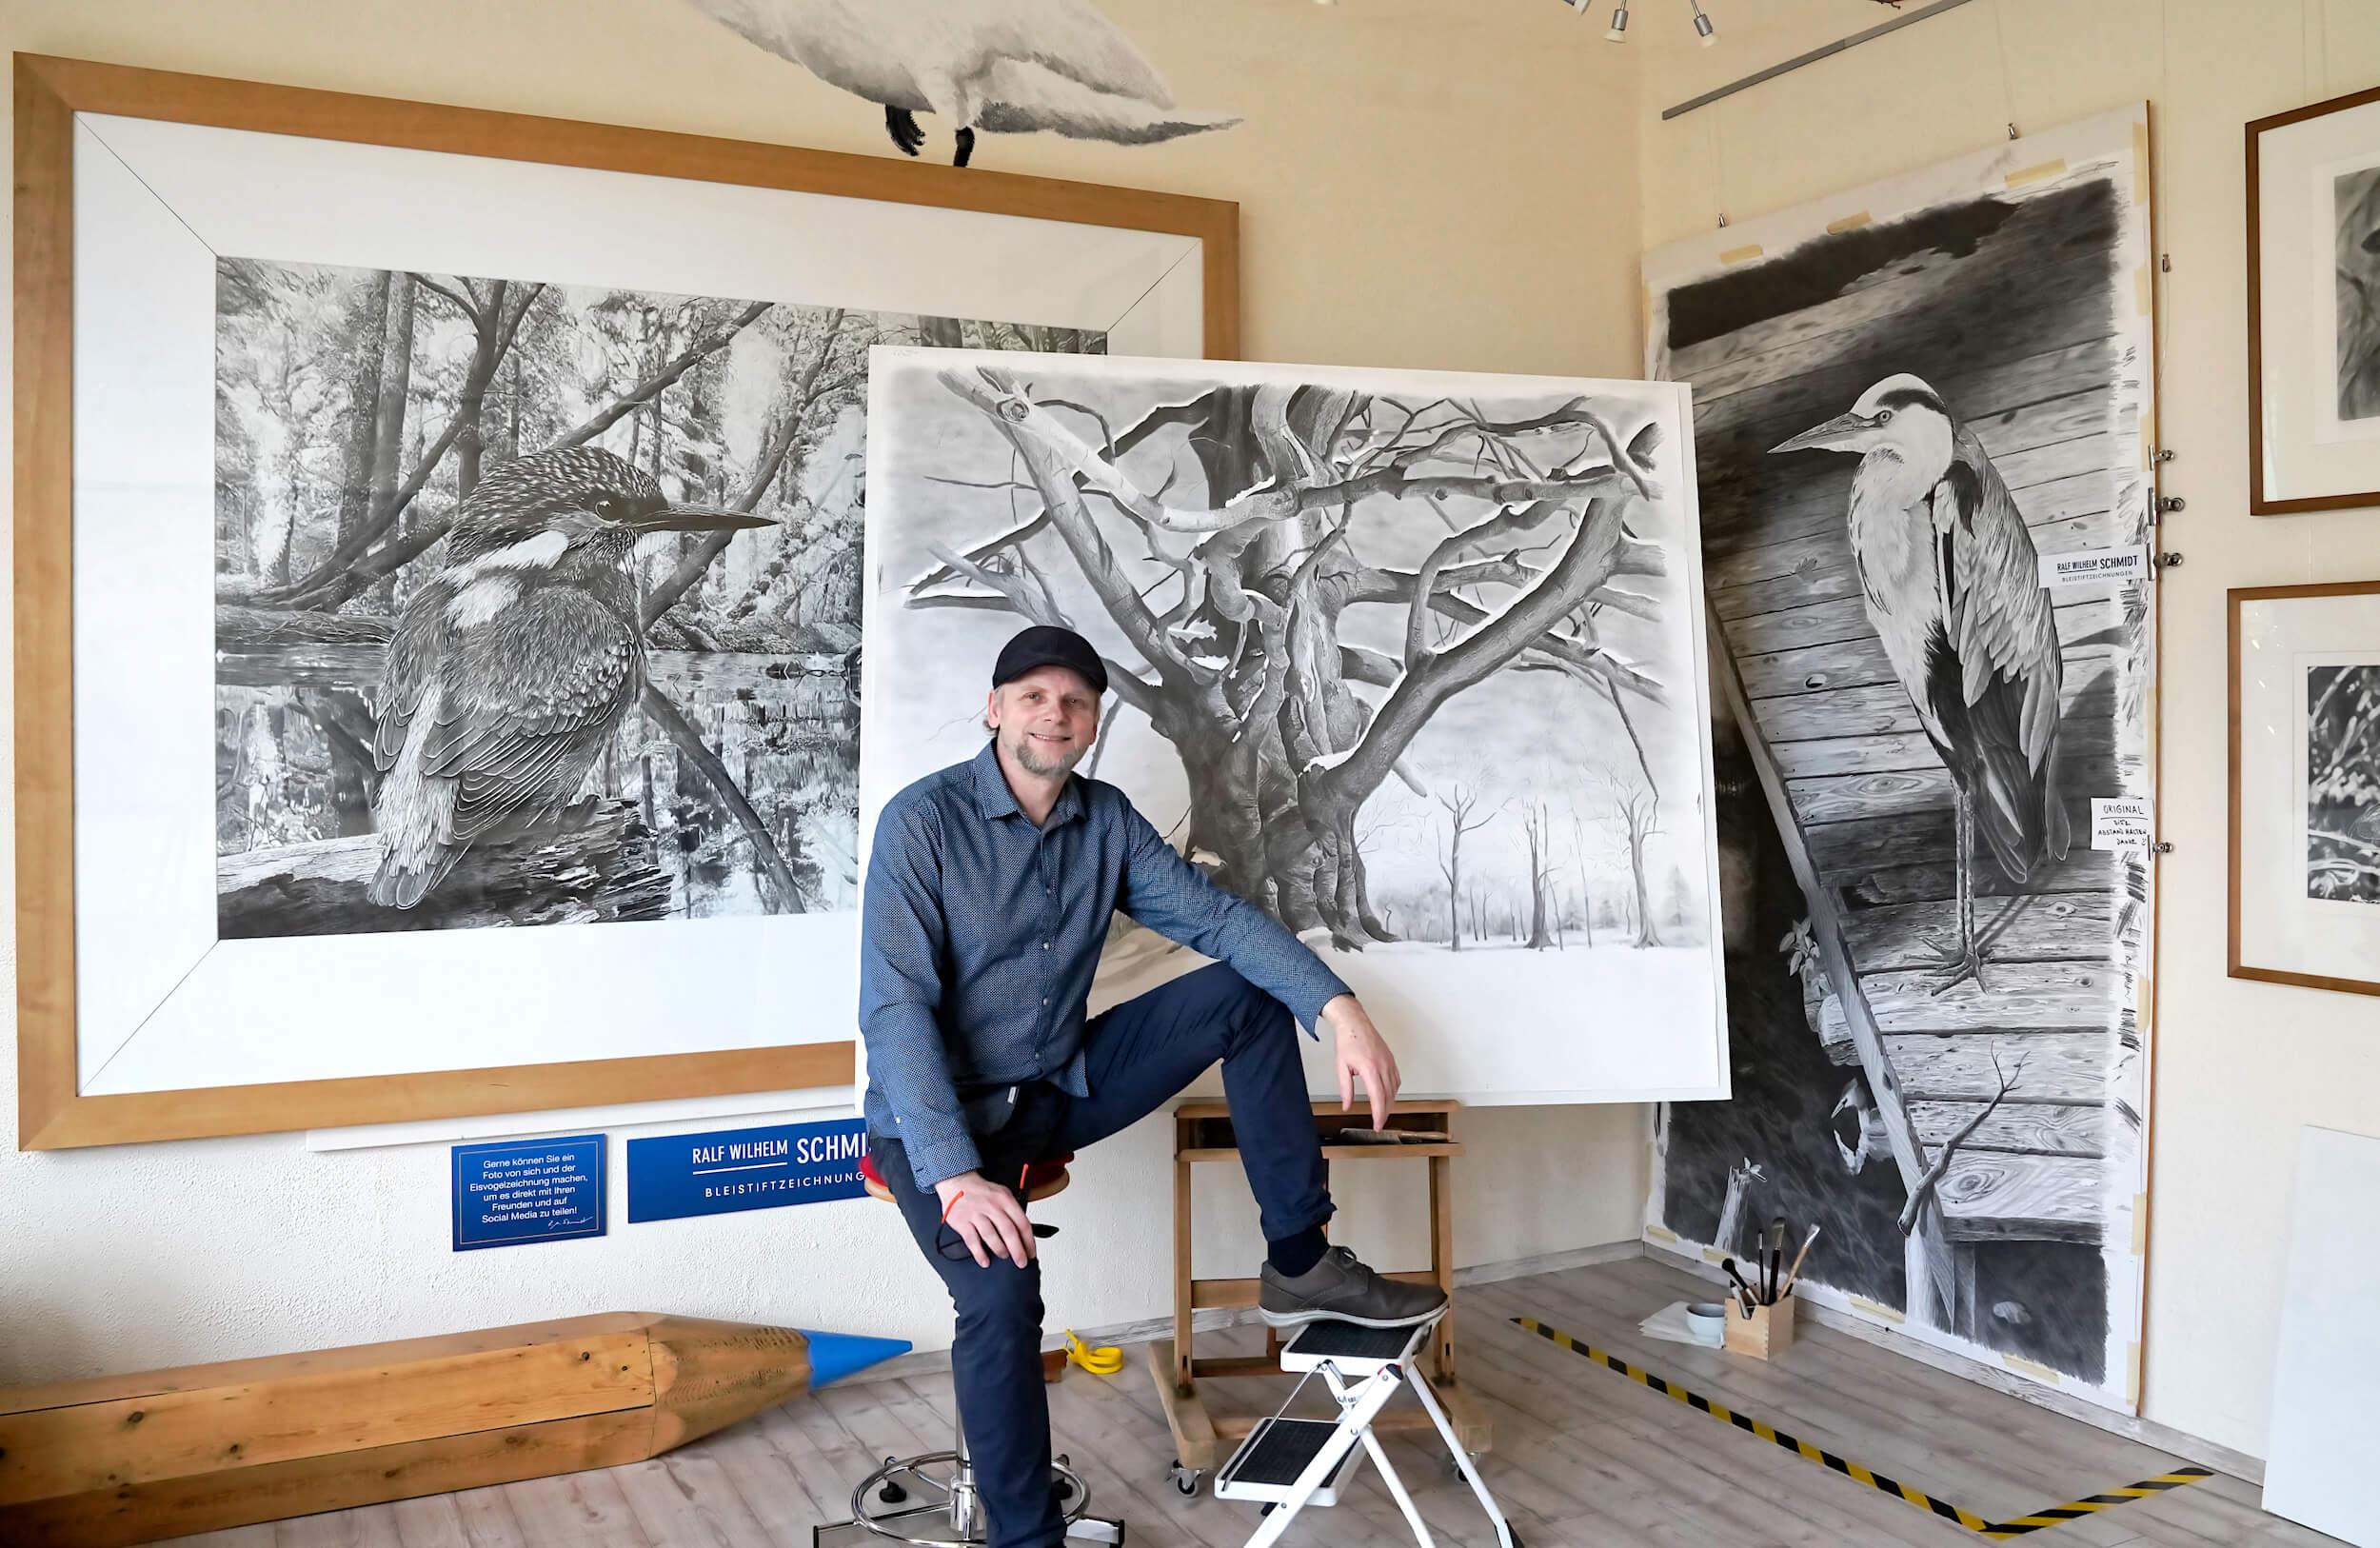 Augen zeichnen lernen-der Zeichenkurs-Ralf Wilhelm Schmidt